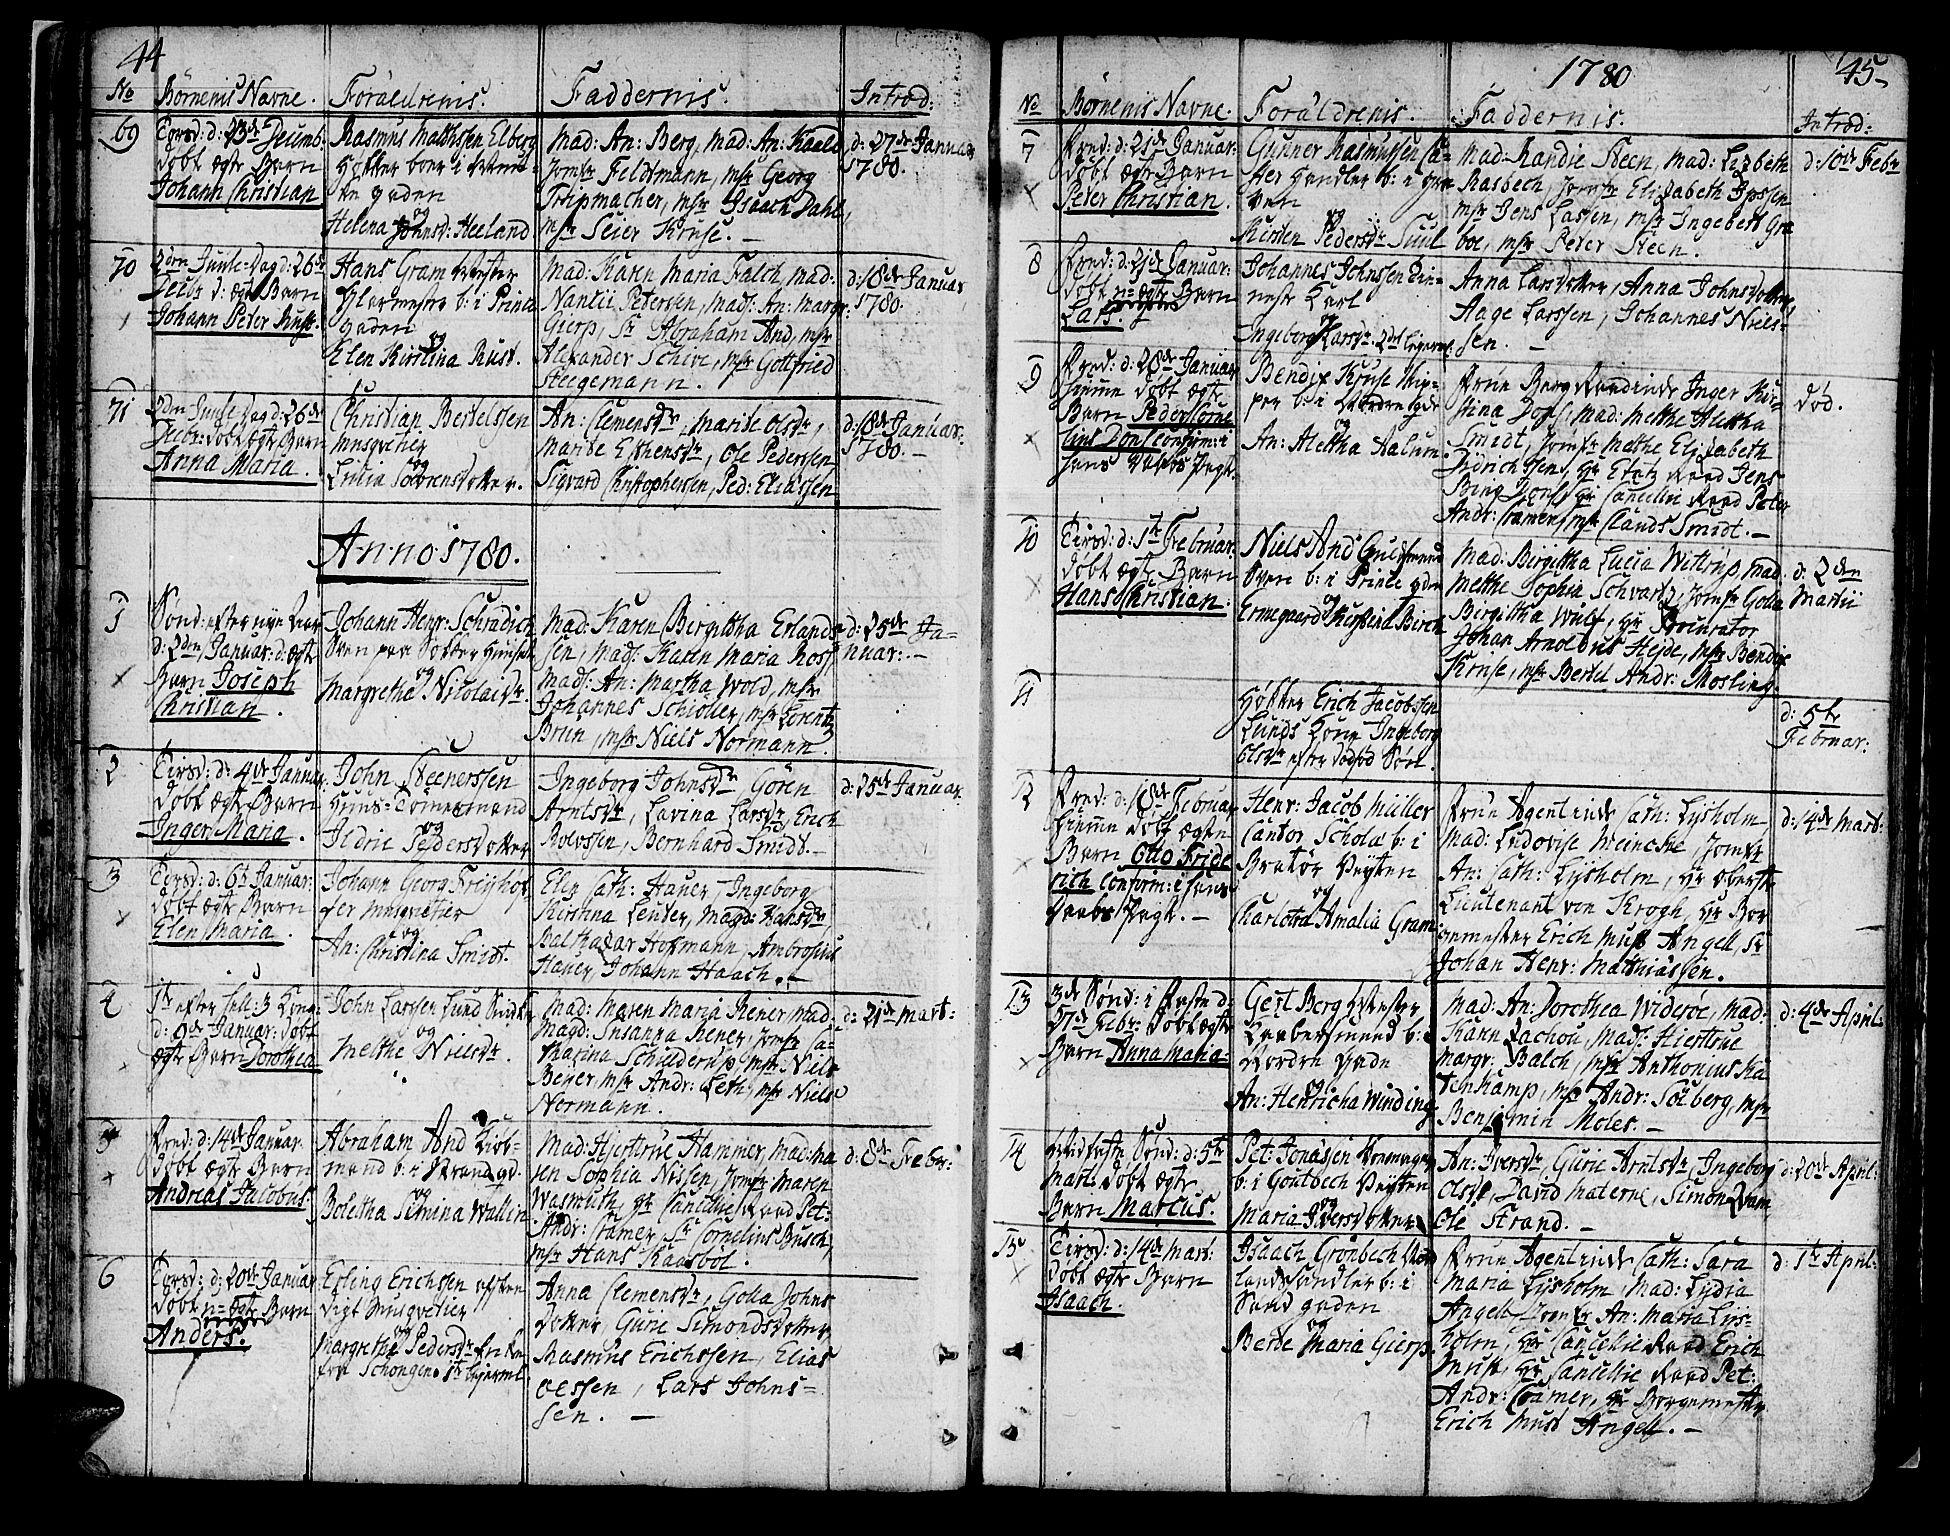 SAT, Ministerialprotokoller, klokkerbøker og fødselsregistre - Sør-Trøndelag, 602/L0104: Ministerialbok nr. 602A02, 1774-1814, s. 44-45